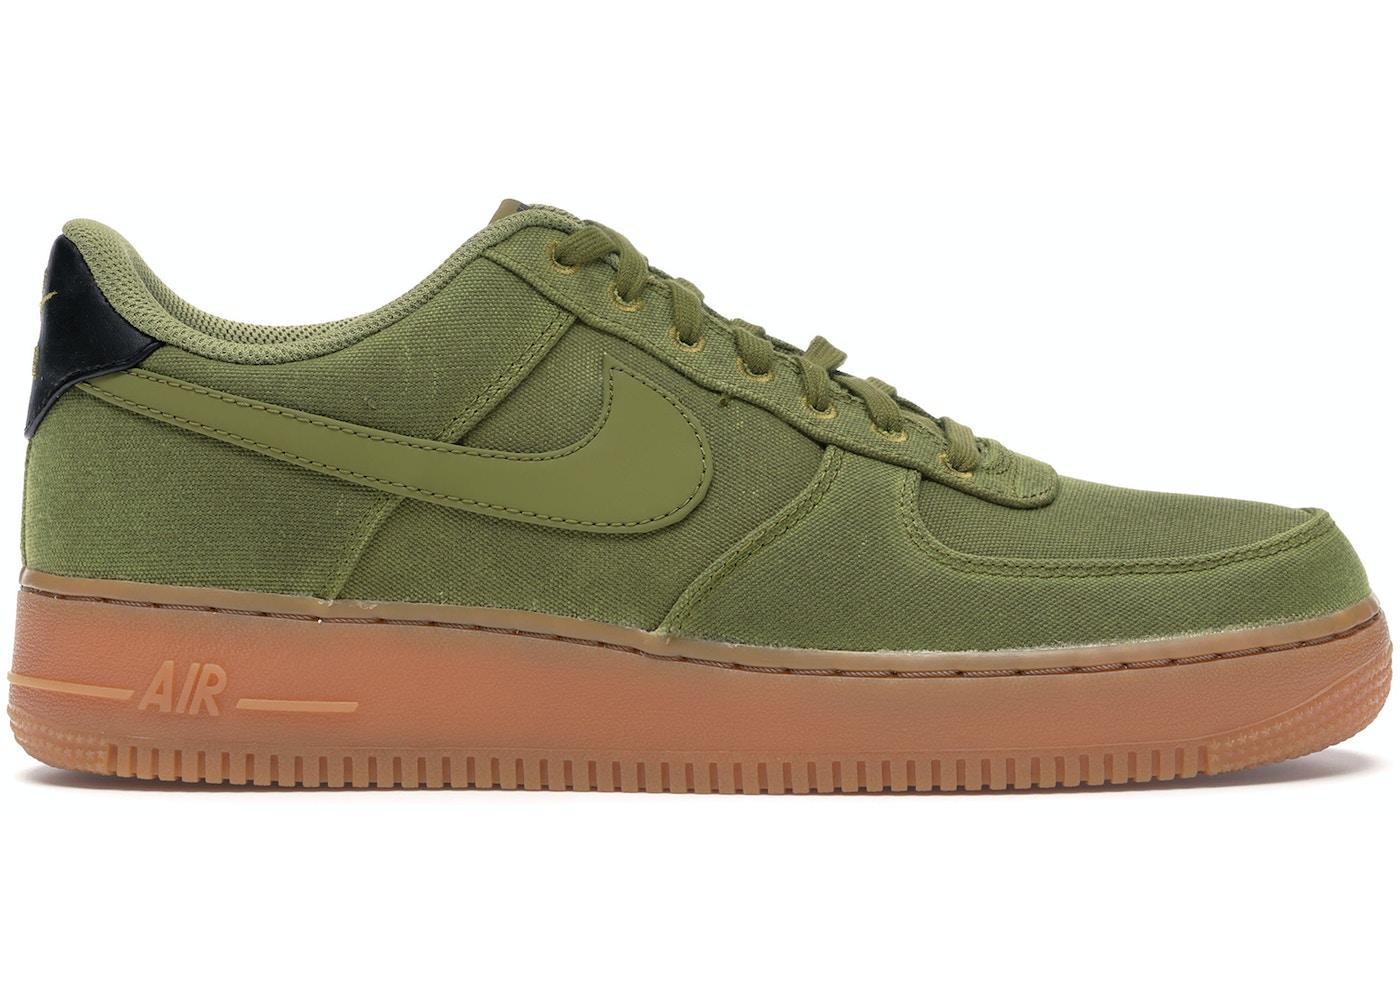 Elevado político Finito  Nike Air Force 1 Low '07 Camper Green Gum - AQ0117-300